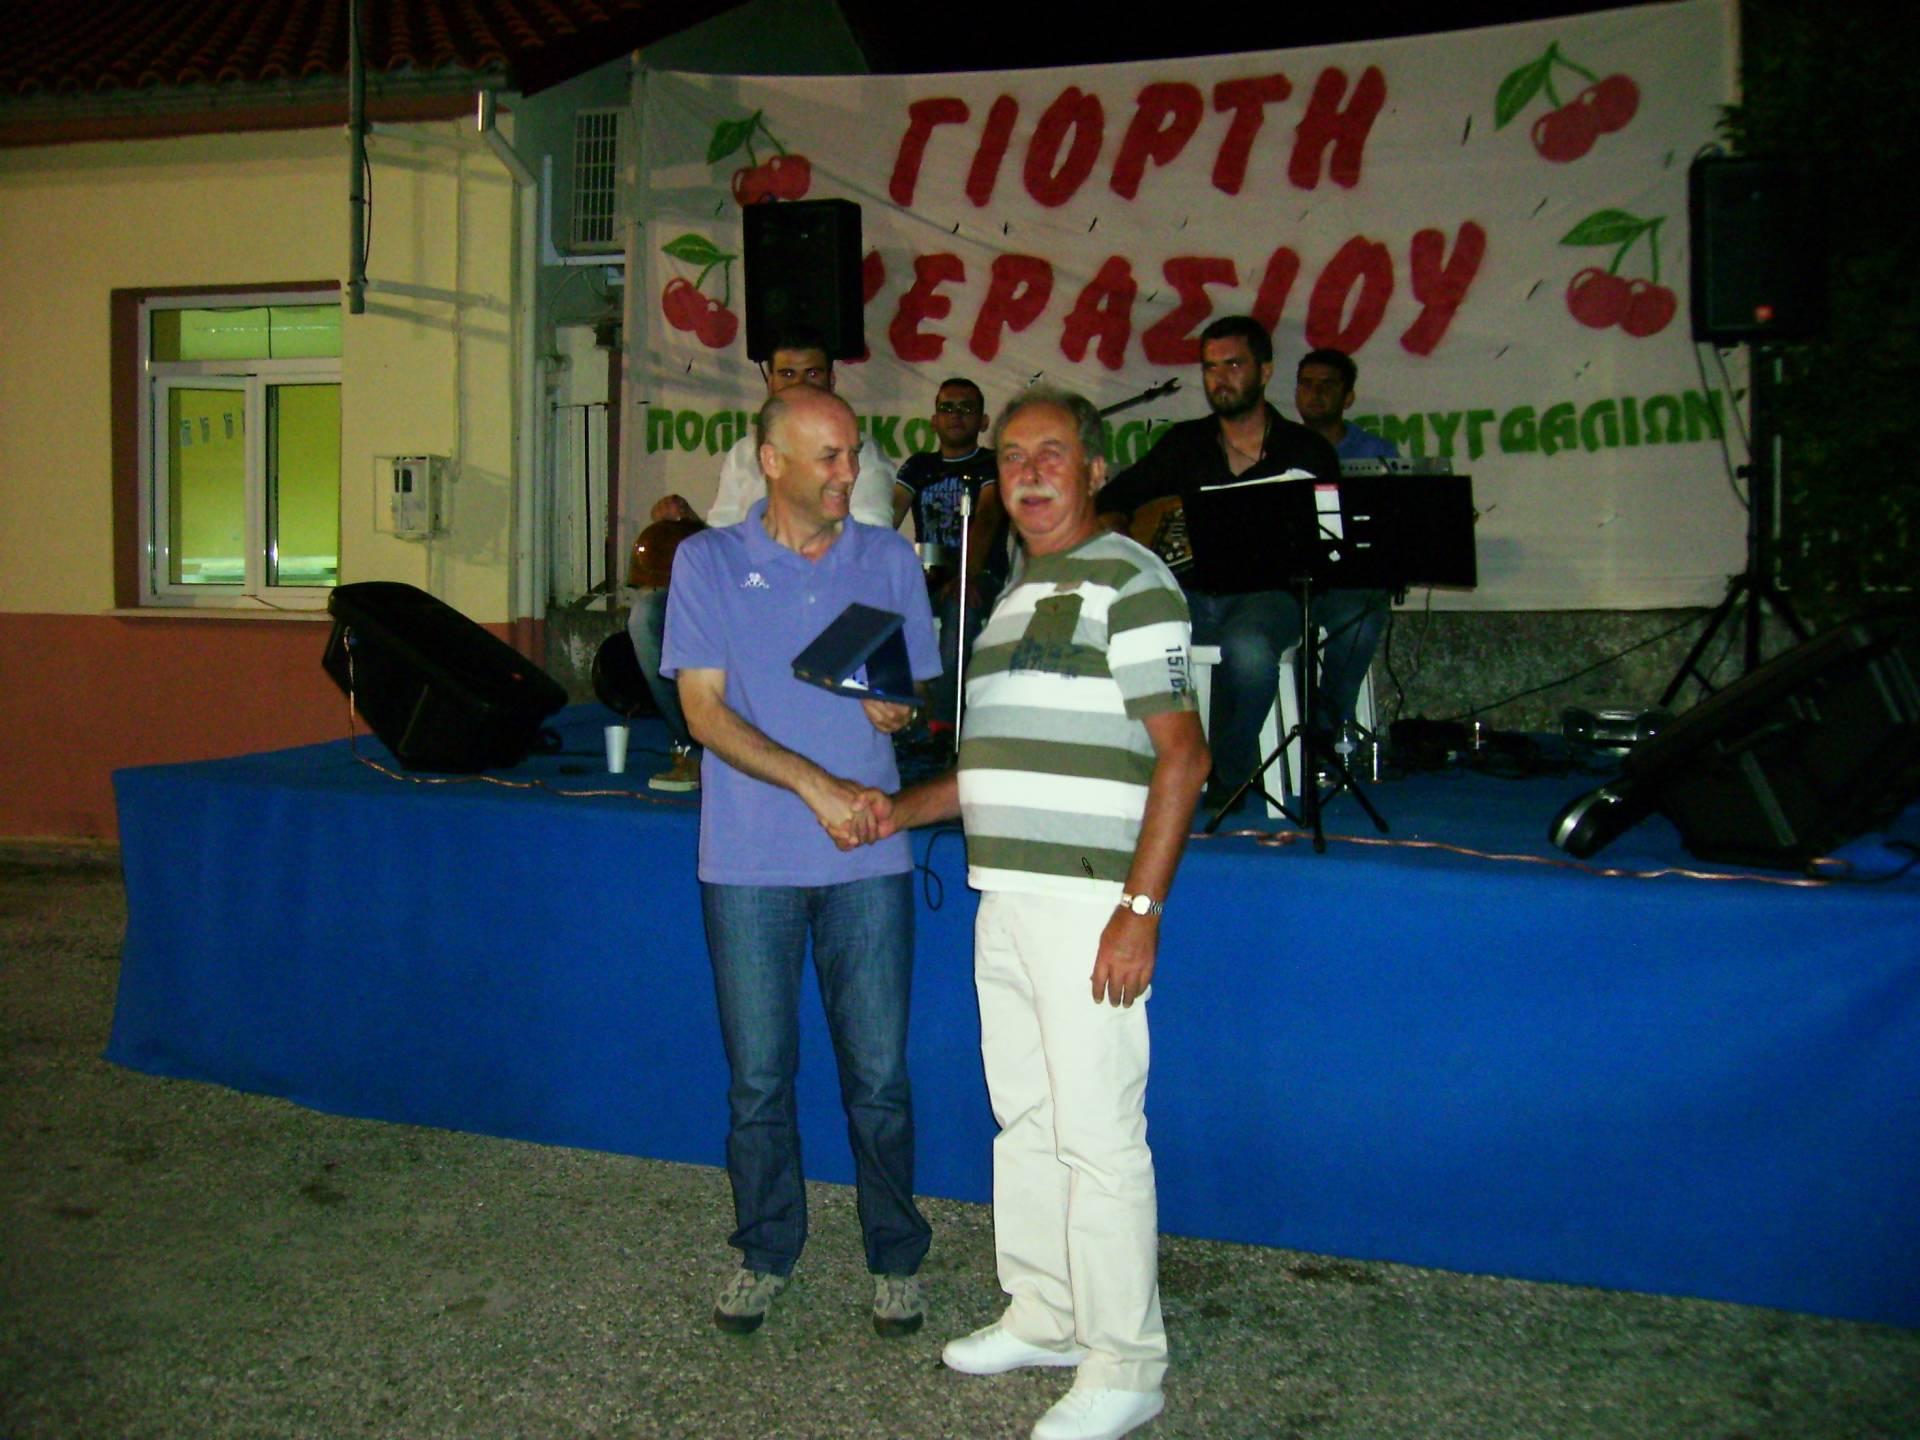 Με μεγάλη επιτυχία πραγματοποιήθηκε και η δεύτερη εκδήλωση της 17ης Γιορτής κερασιού